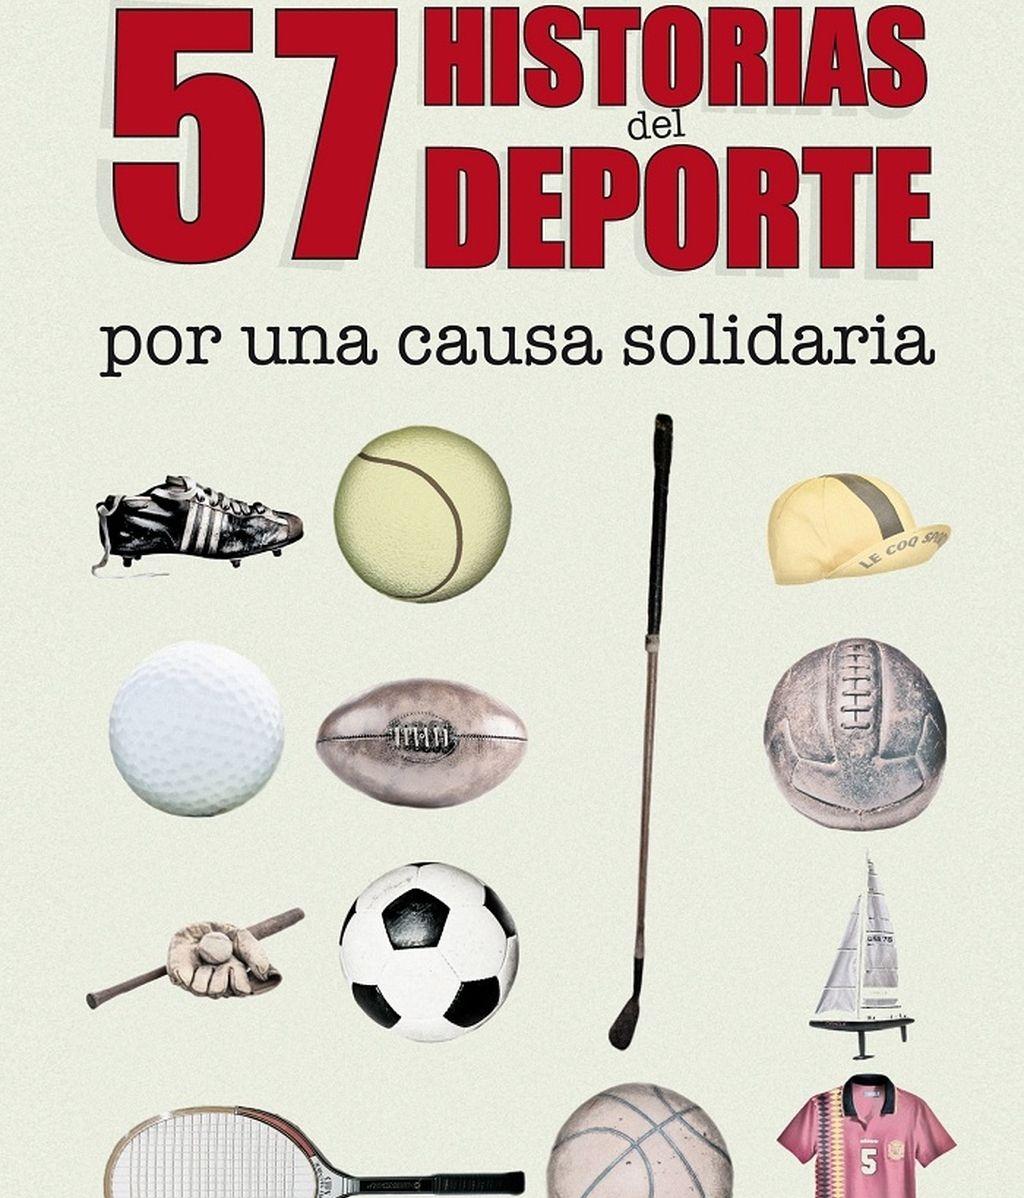 57 historias del deporte por una causa solidaria